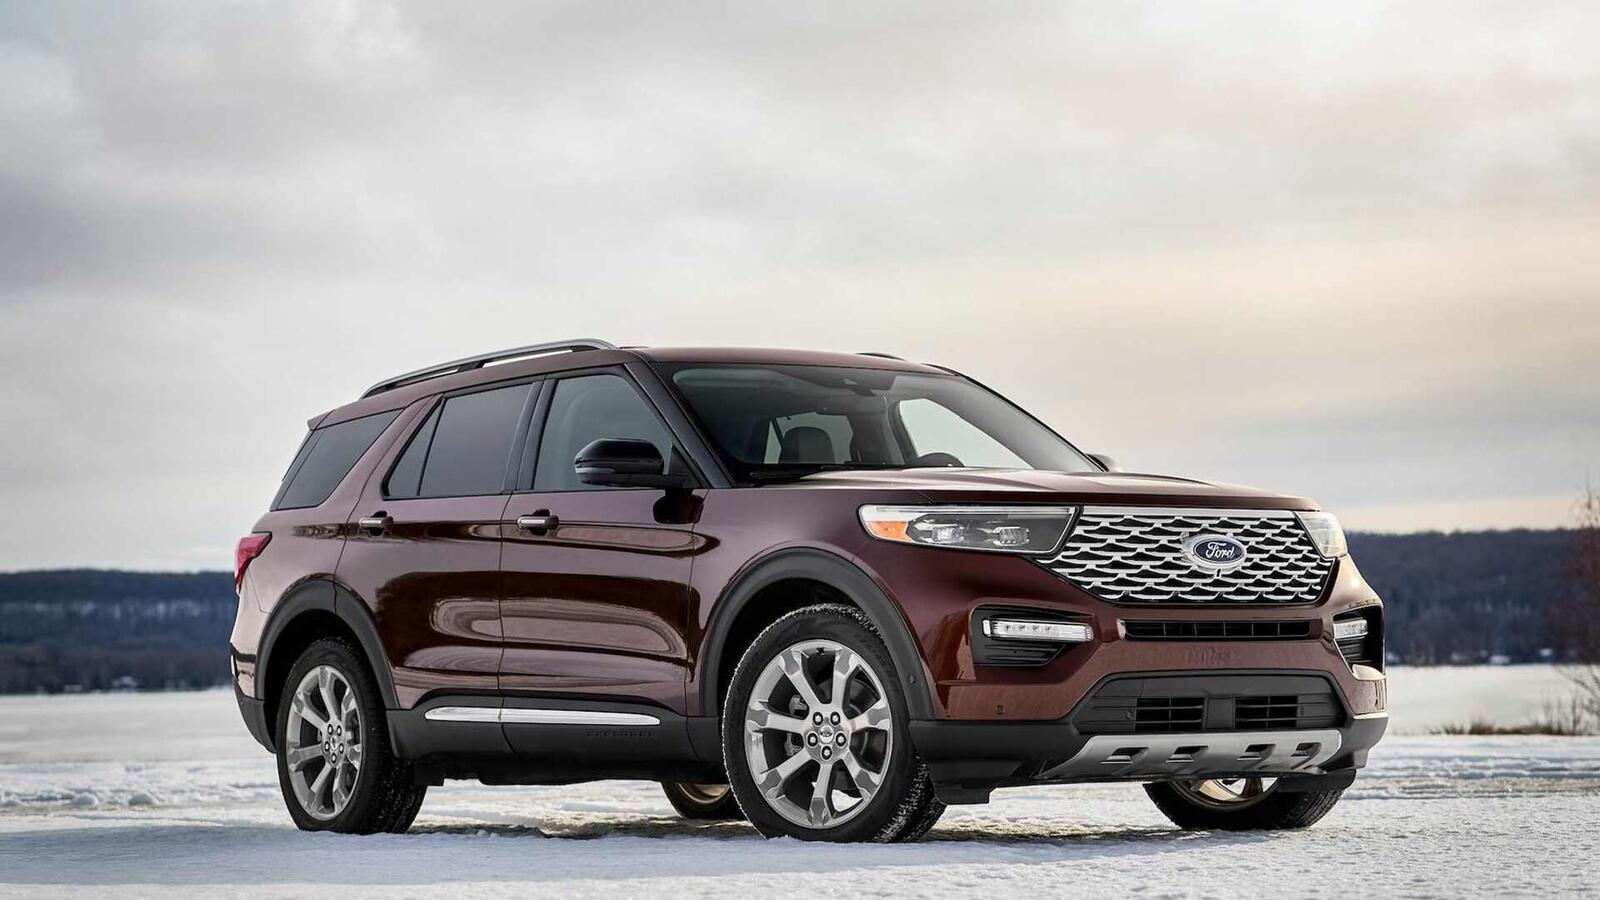 Ford Explorer 2020 thế hệ mới ra mắt; thiết kế mới và cải thiện khả năng vận hành - Hình 23